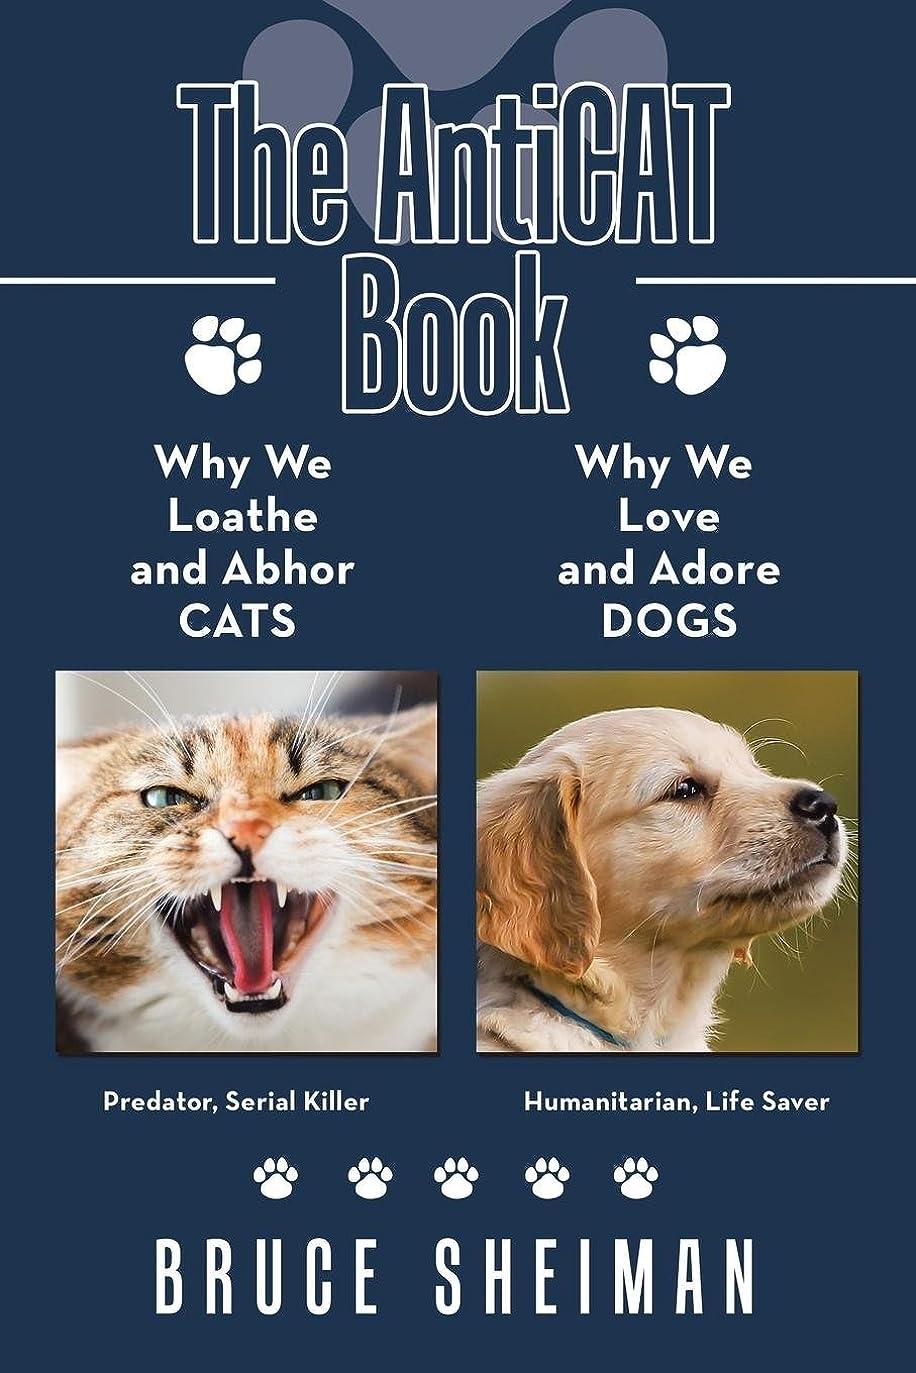 ずんぐりした悪性ラウズThe Anticat Book: Why We Loathe and Abhor Cats Why We Love and Adore Dogs